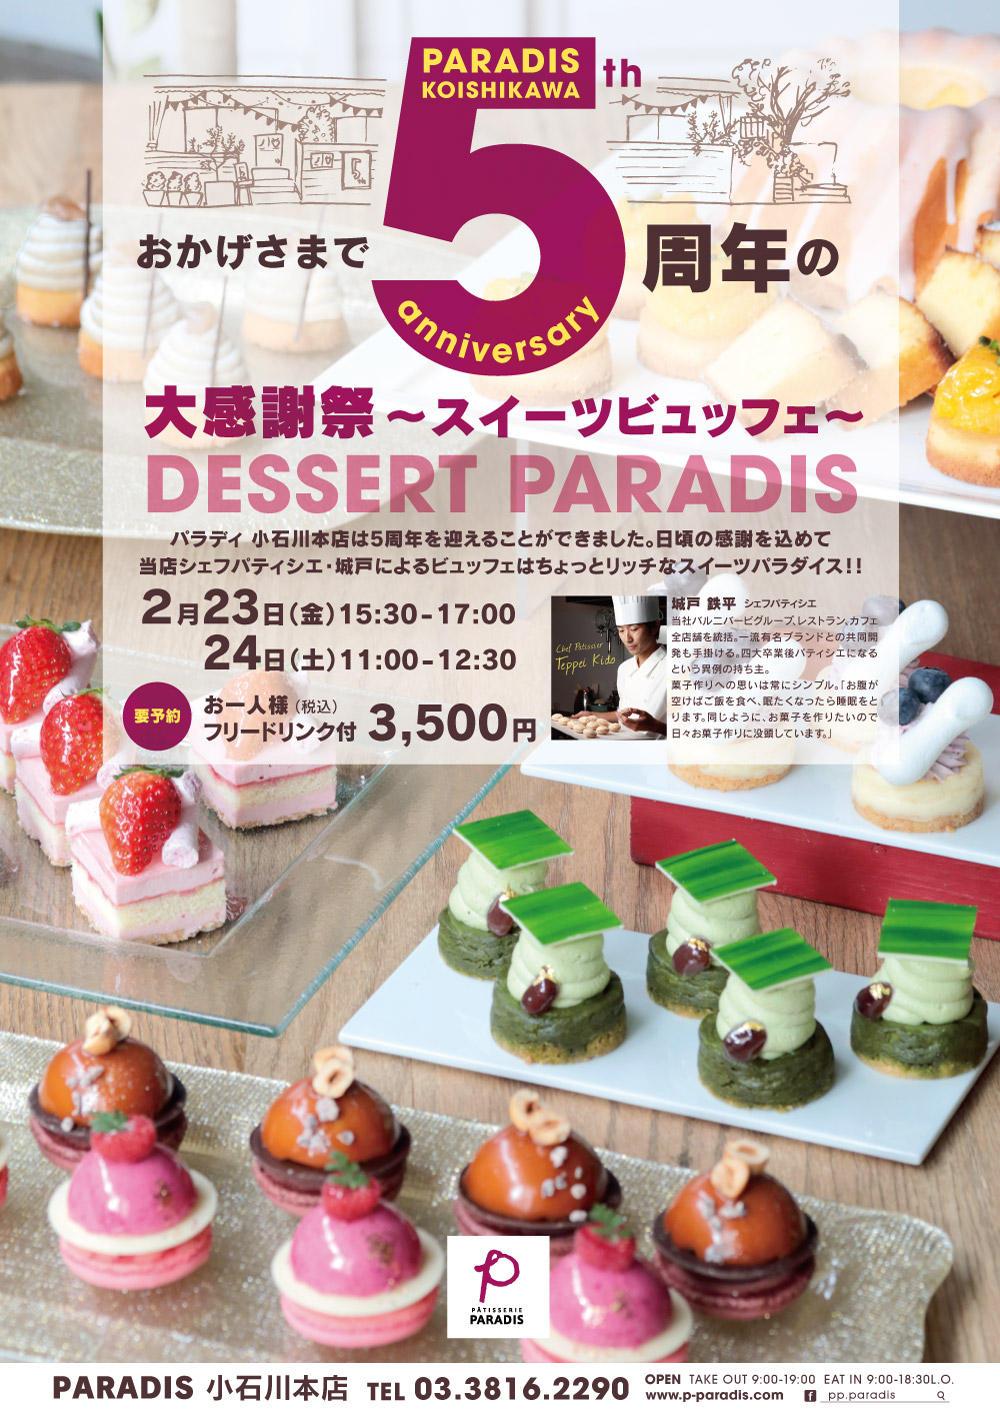 PARADIS_1802_Koishikawa5th_0.jpg